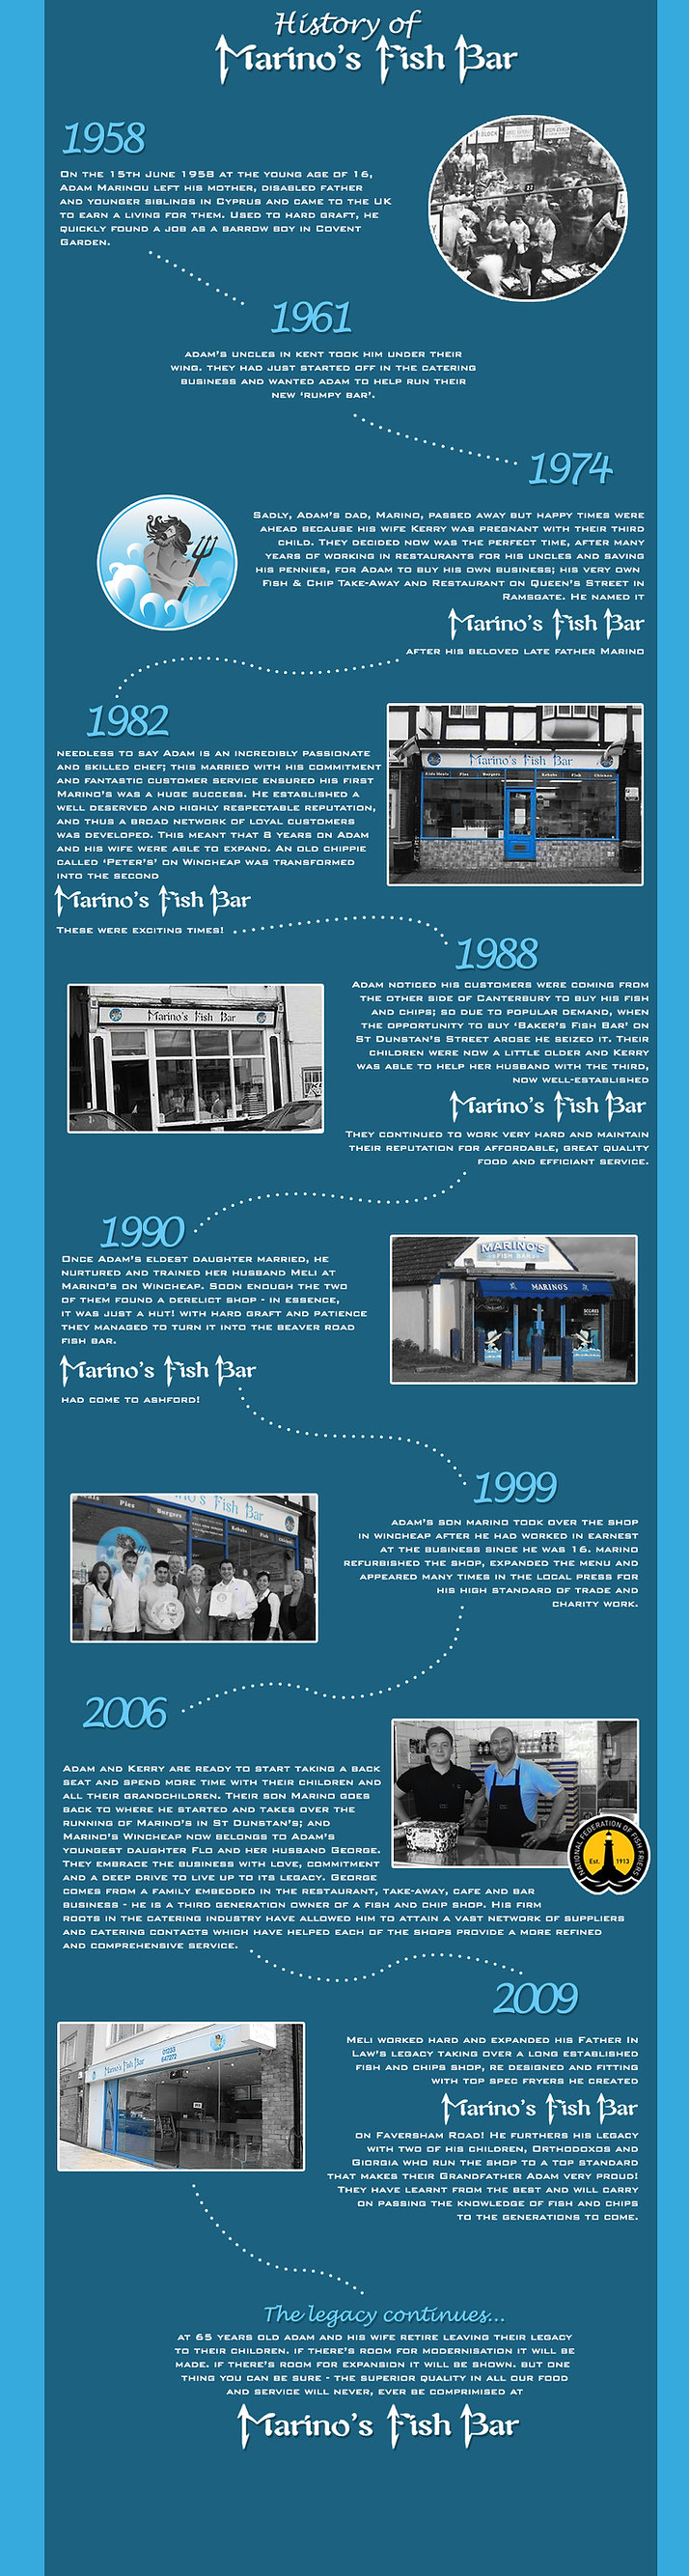 history of marinos .jpg